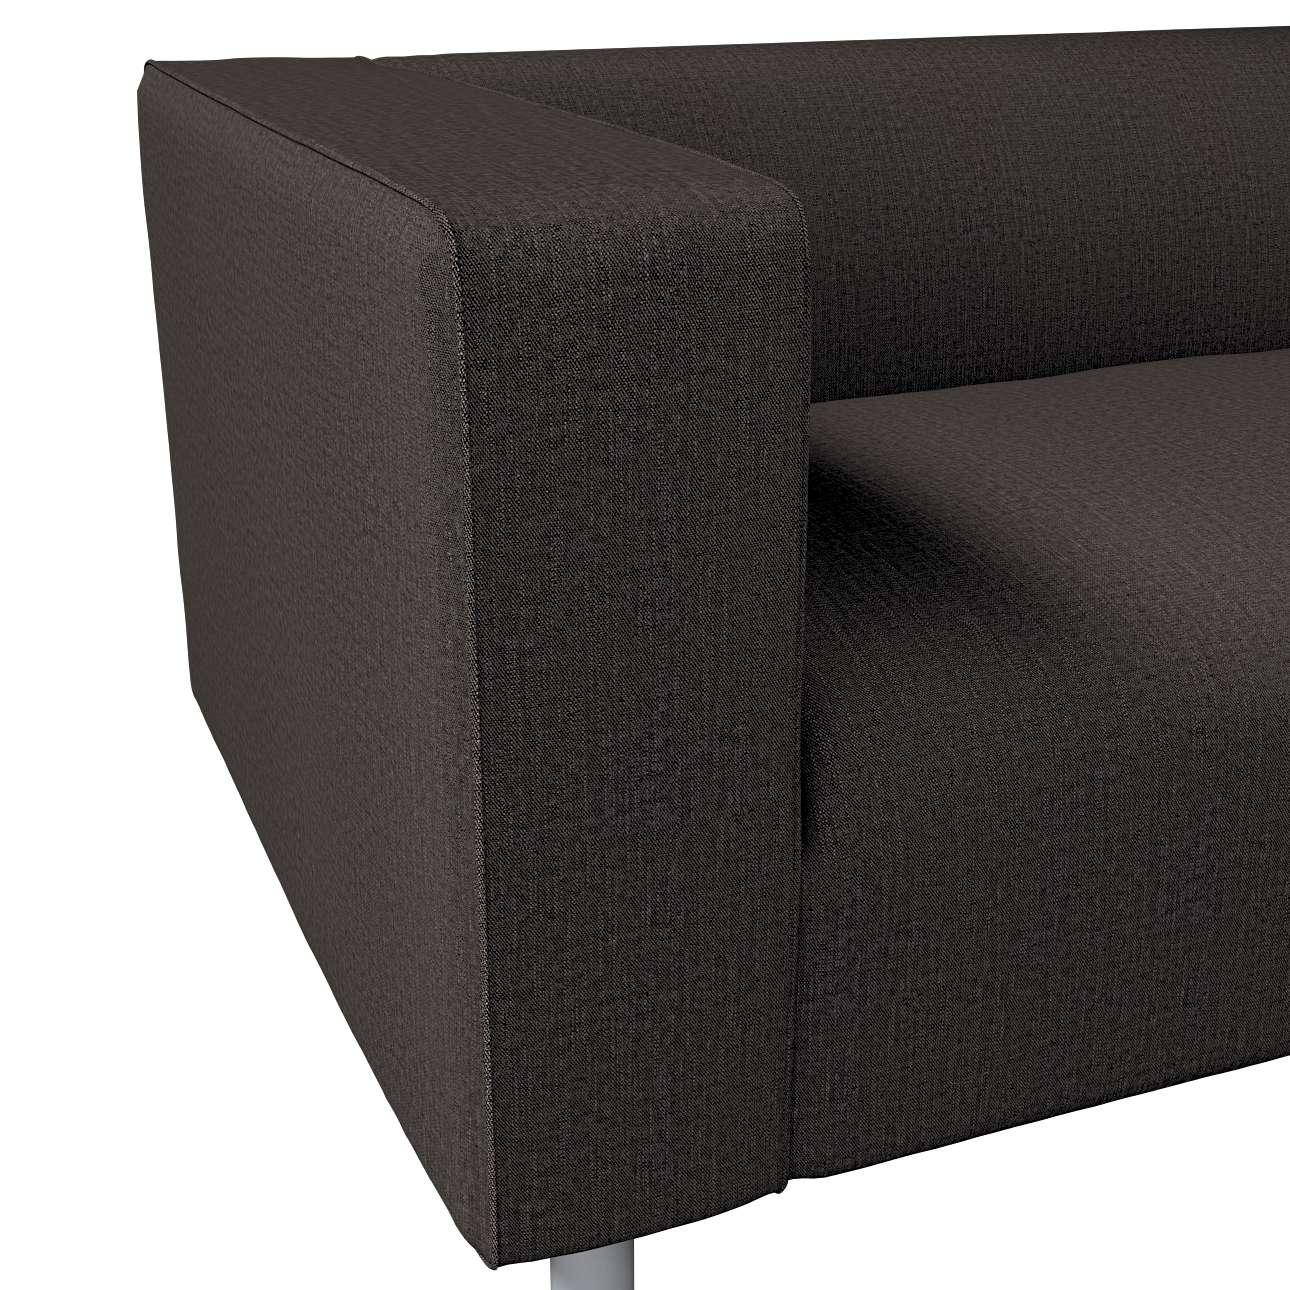 KLIPPAN dvivietės sofos užvalkalas kolekcijoje Etna, audinys: 702-36